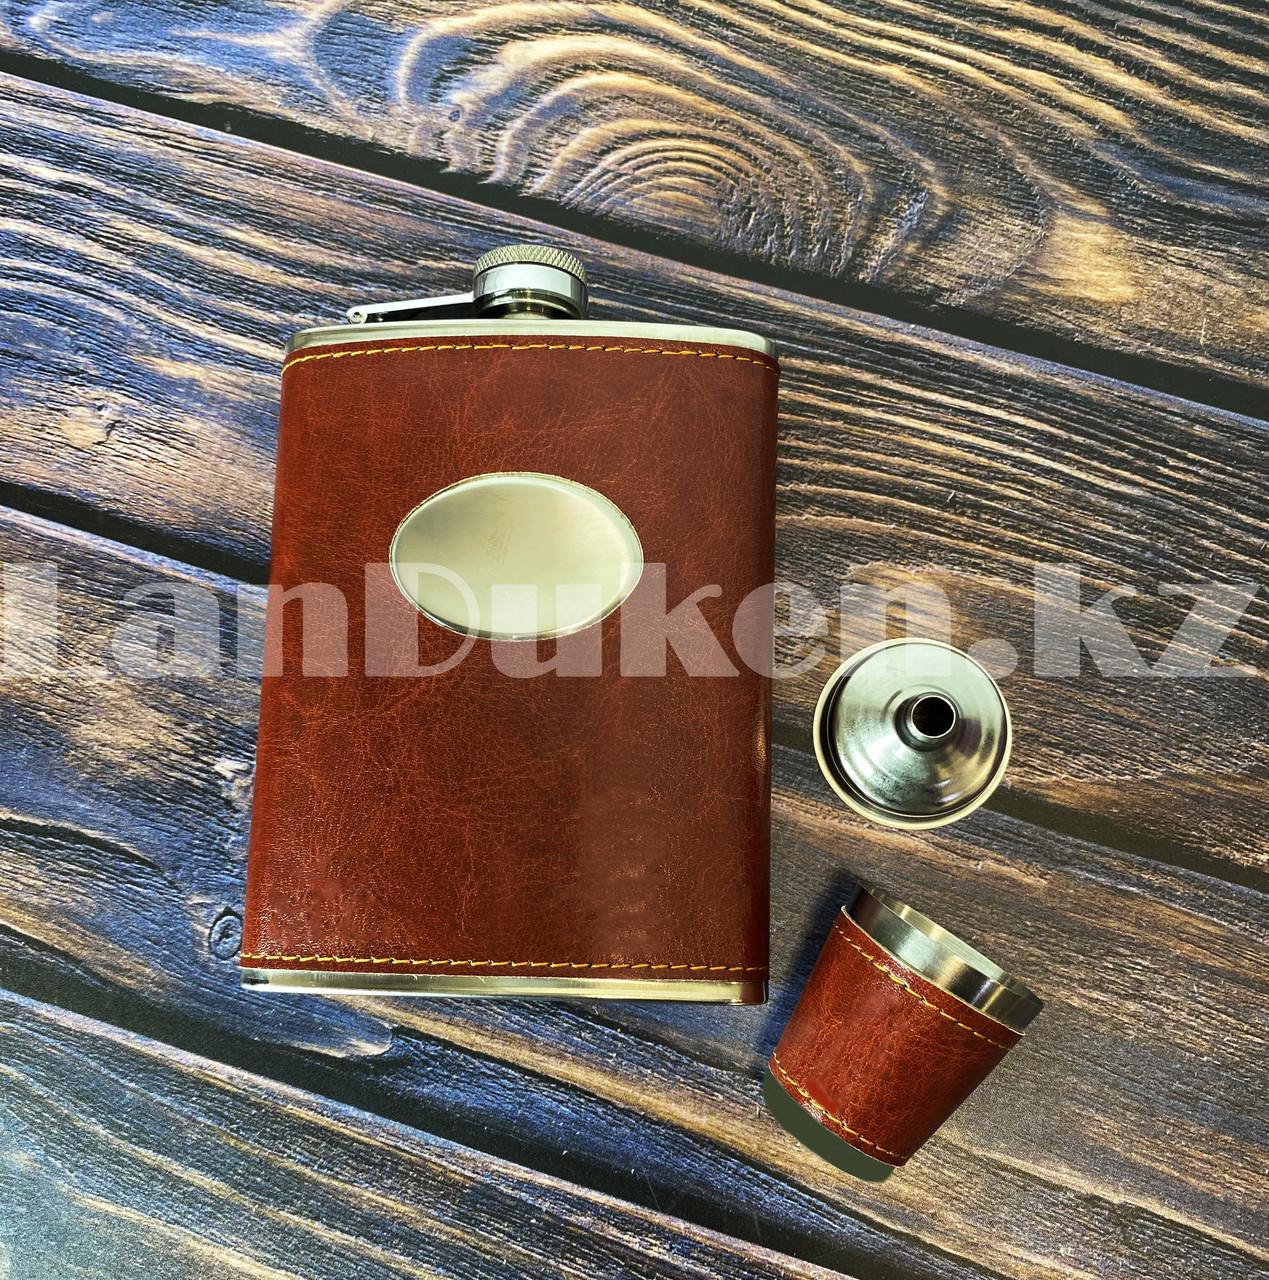 Мужской набор (фляга 250 мл фляга 100 мл рюмка воронка ручка) в подарочной коробке - фото 4